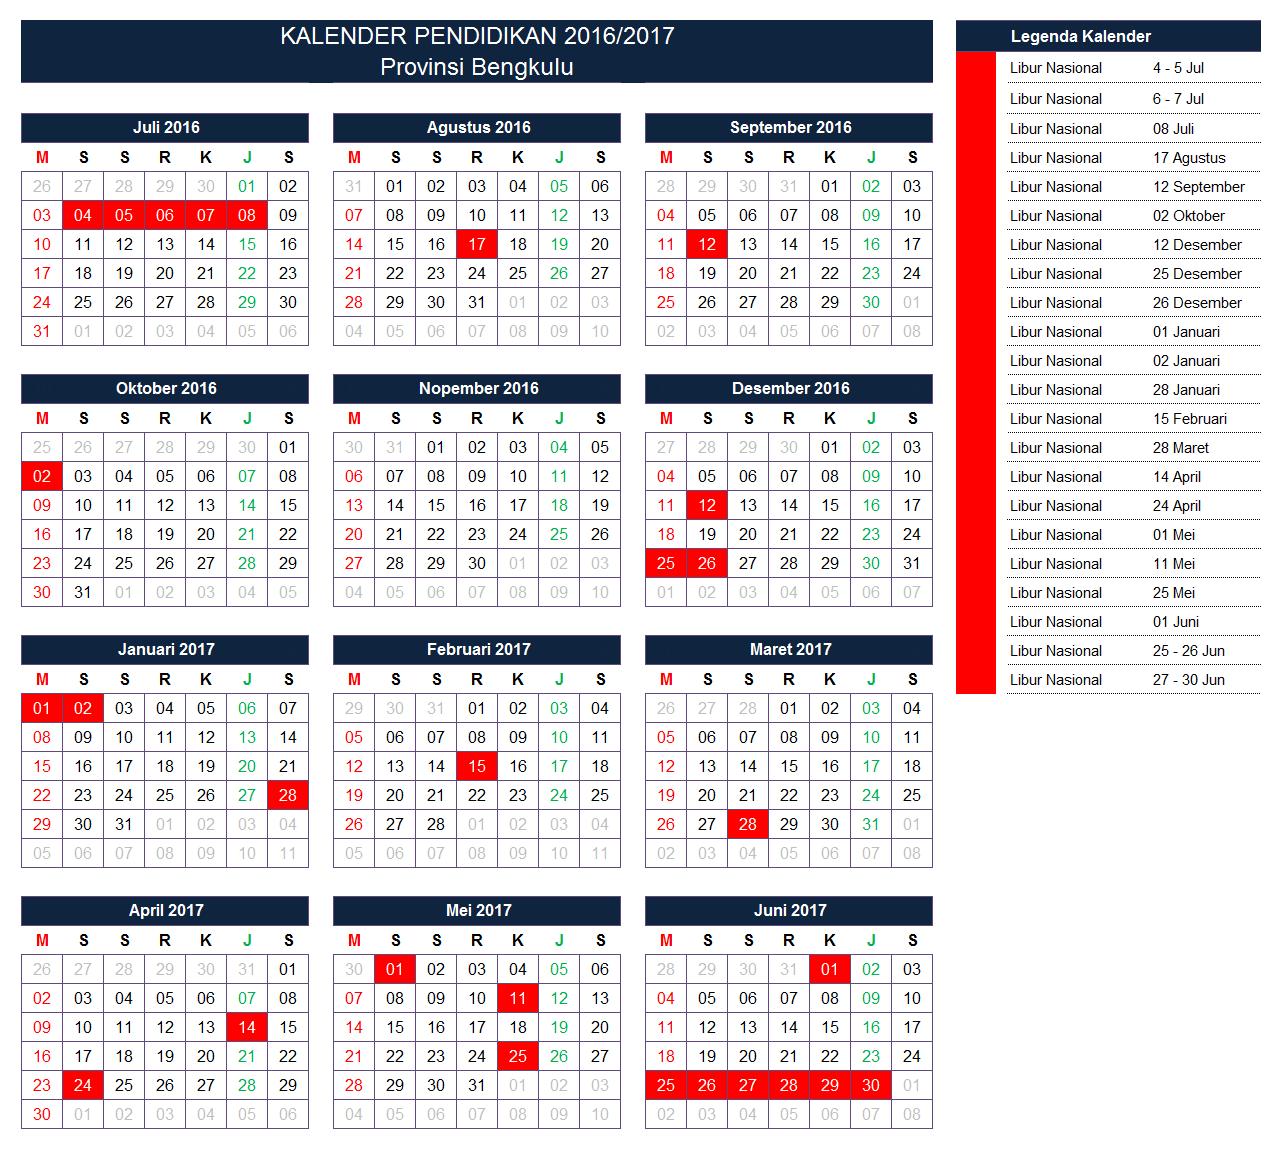 Kalender Pendidikan Provinsi Bengkulu